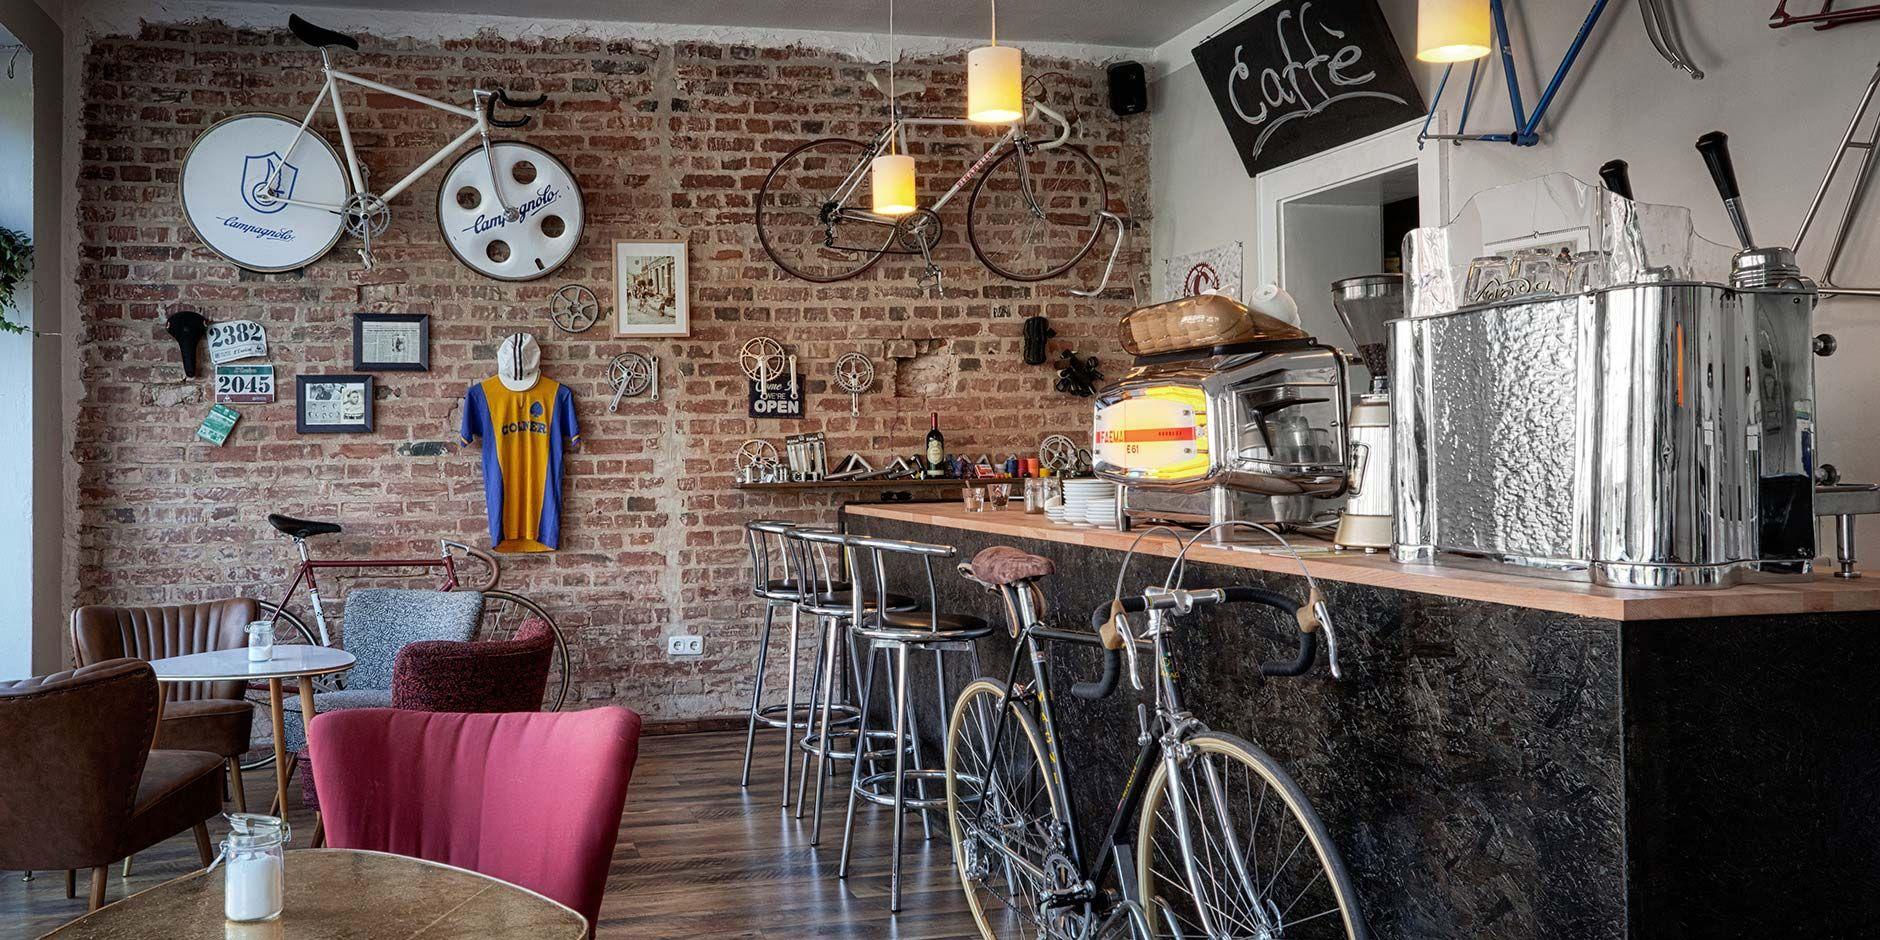 Blick Ins Cafe Cafe Eingang Nuremberg Nurnberg Bamberg Eingang